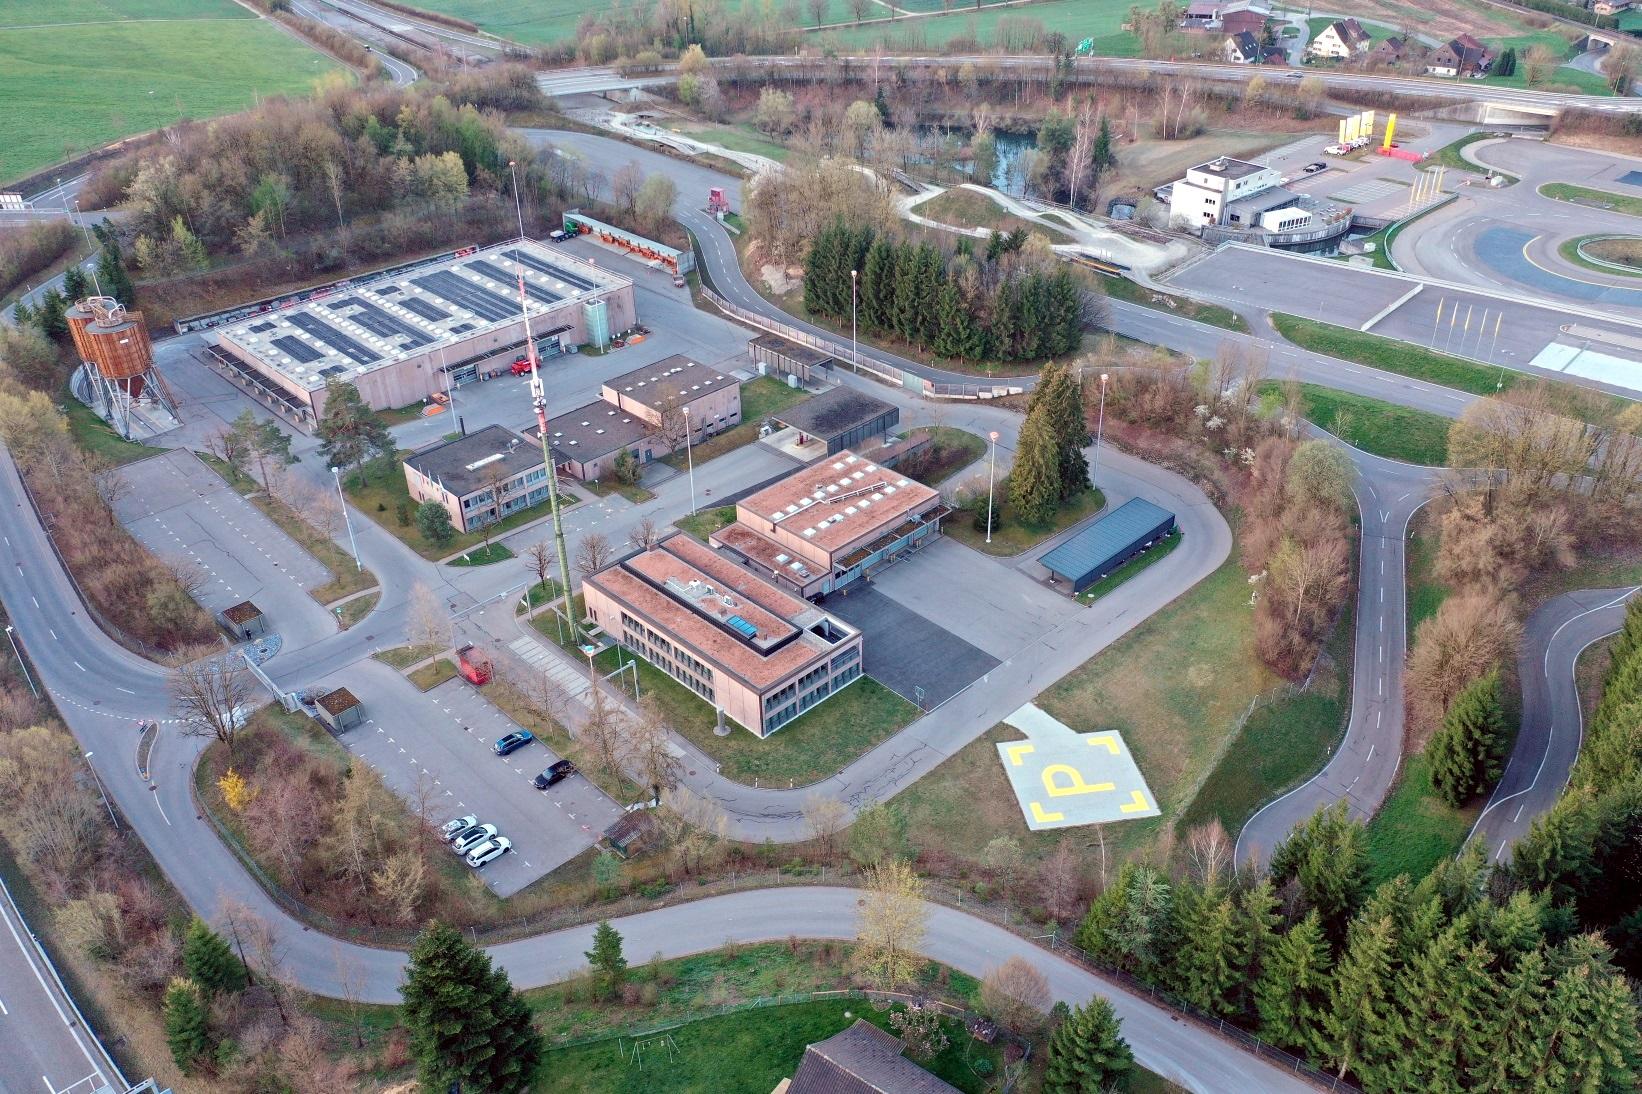 Der Verkehrsstützpunkt Betzholz – vorne die Gebäude von Tiefbauamt und Kantonspolizei, hinten die TCS-Anlage – kann am 4. September besichtigt werden. (Bild: Kantonspolizei Zürich)